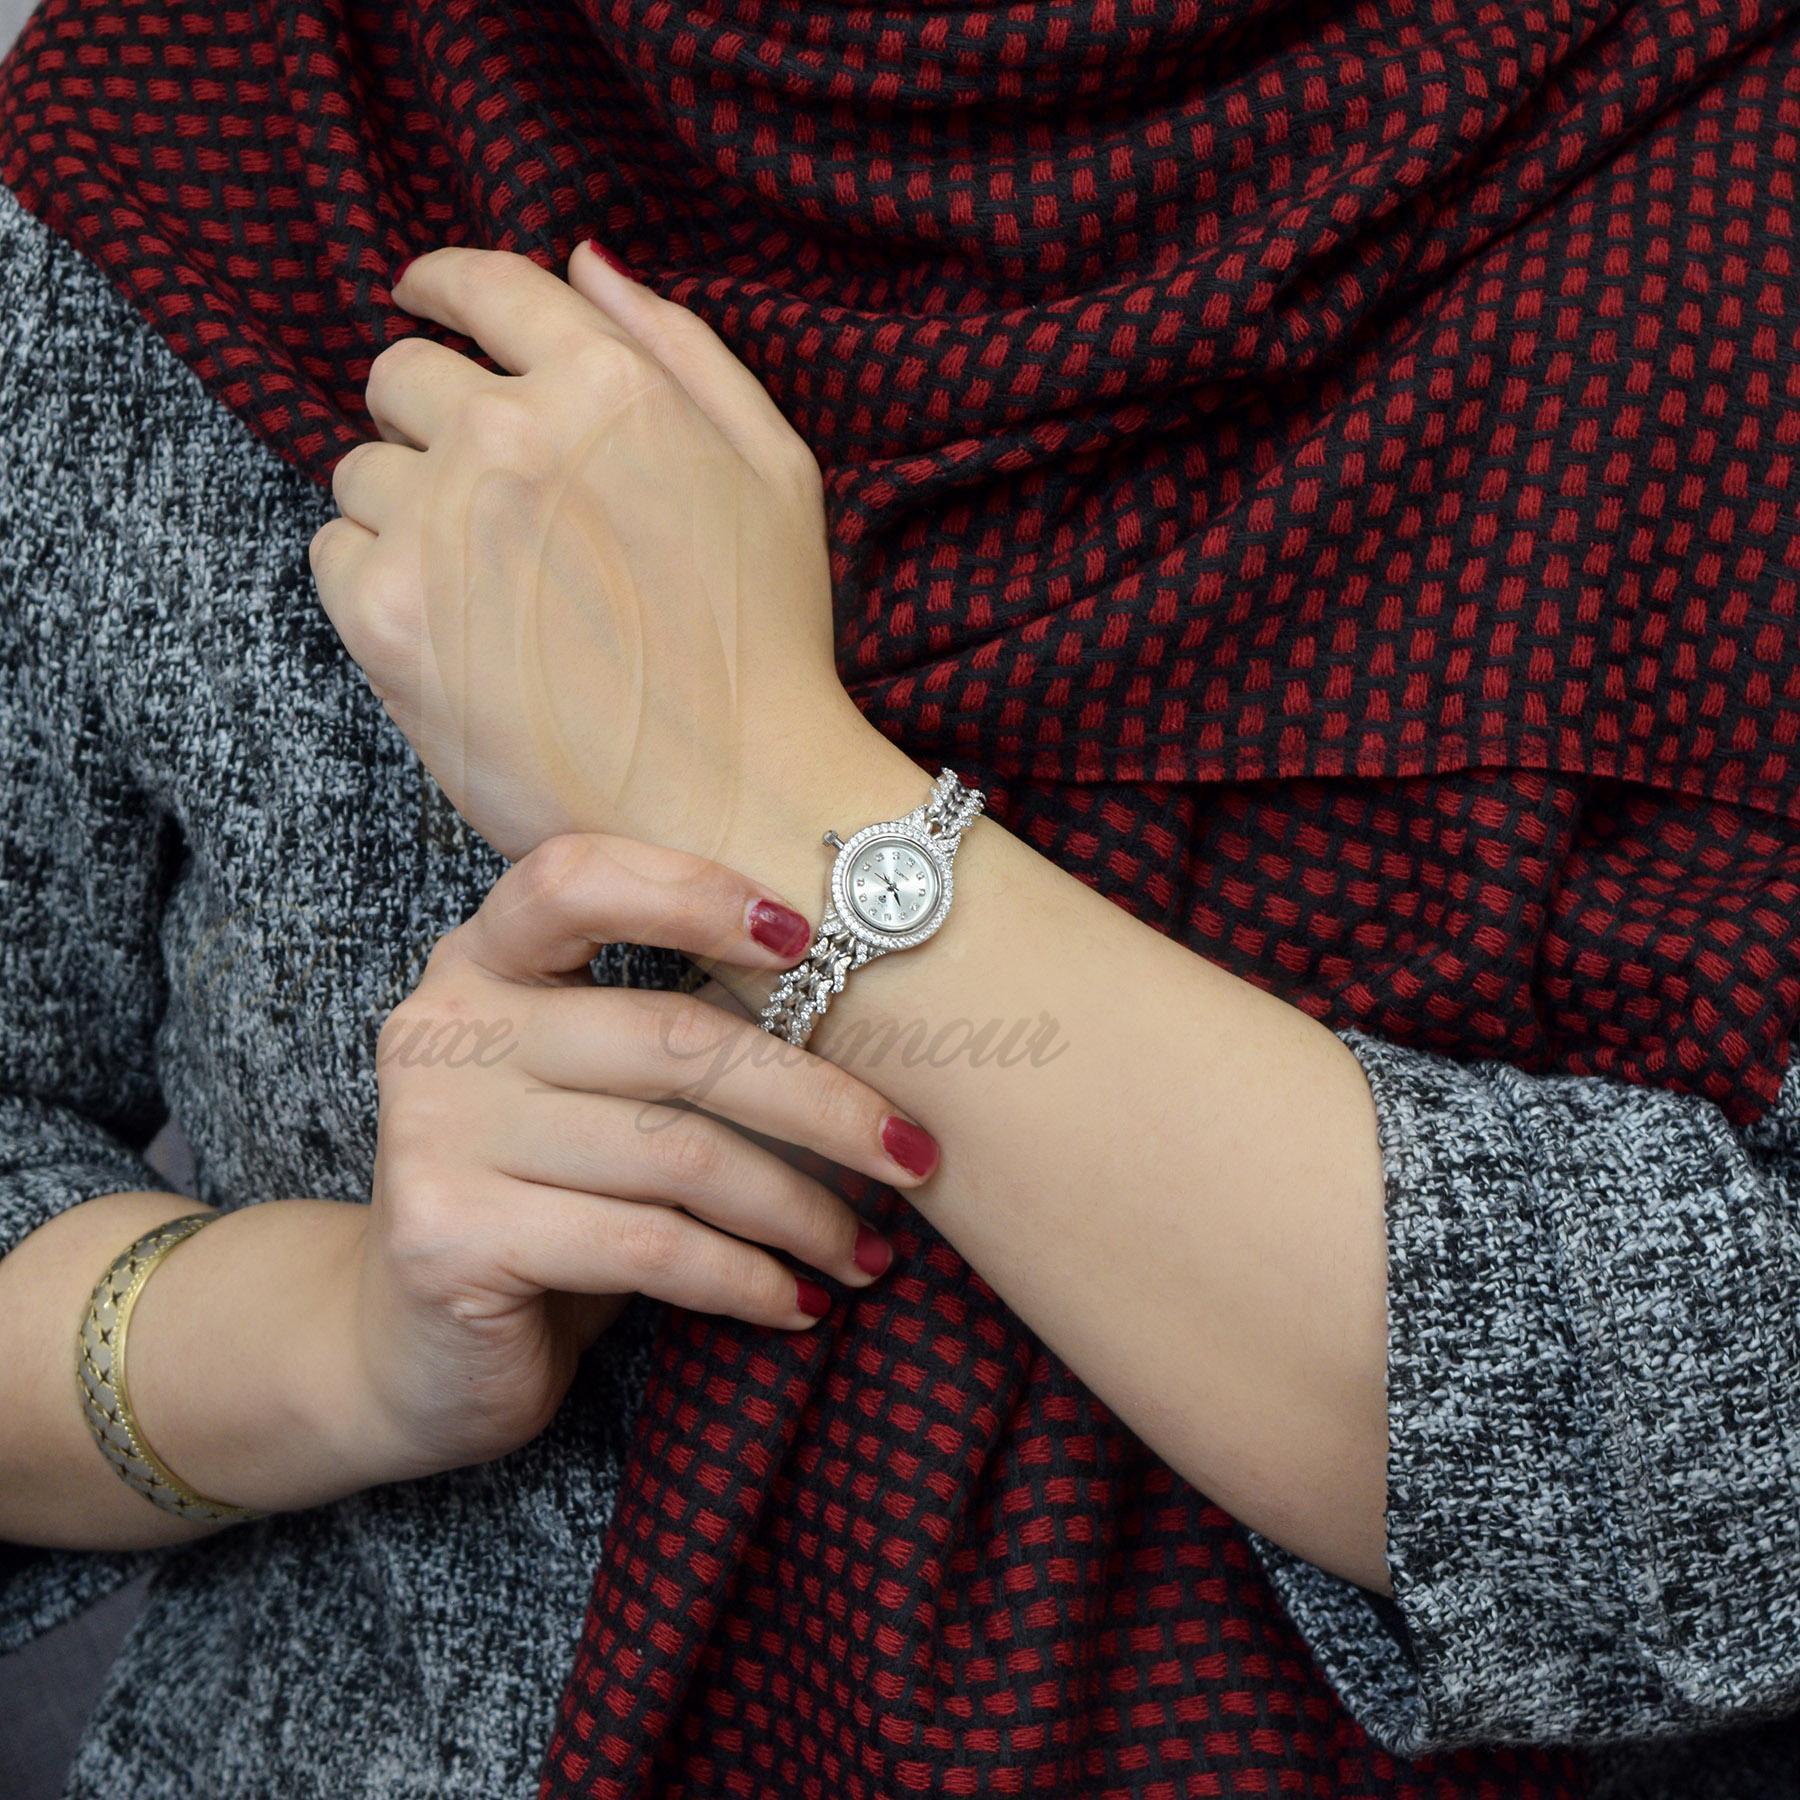 ساعت نقره زنانه جواهری صفحه گرد wh-n114 از نمای روی دست